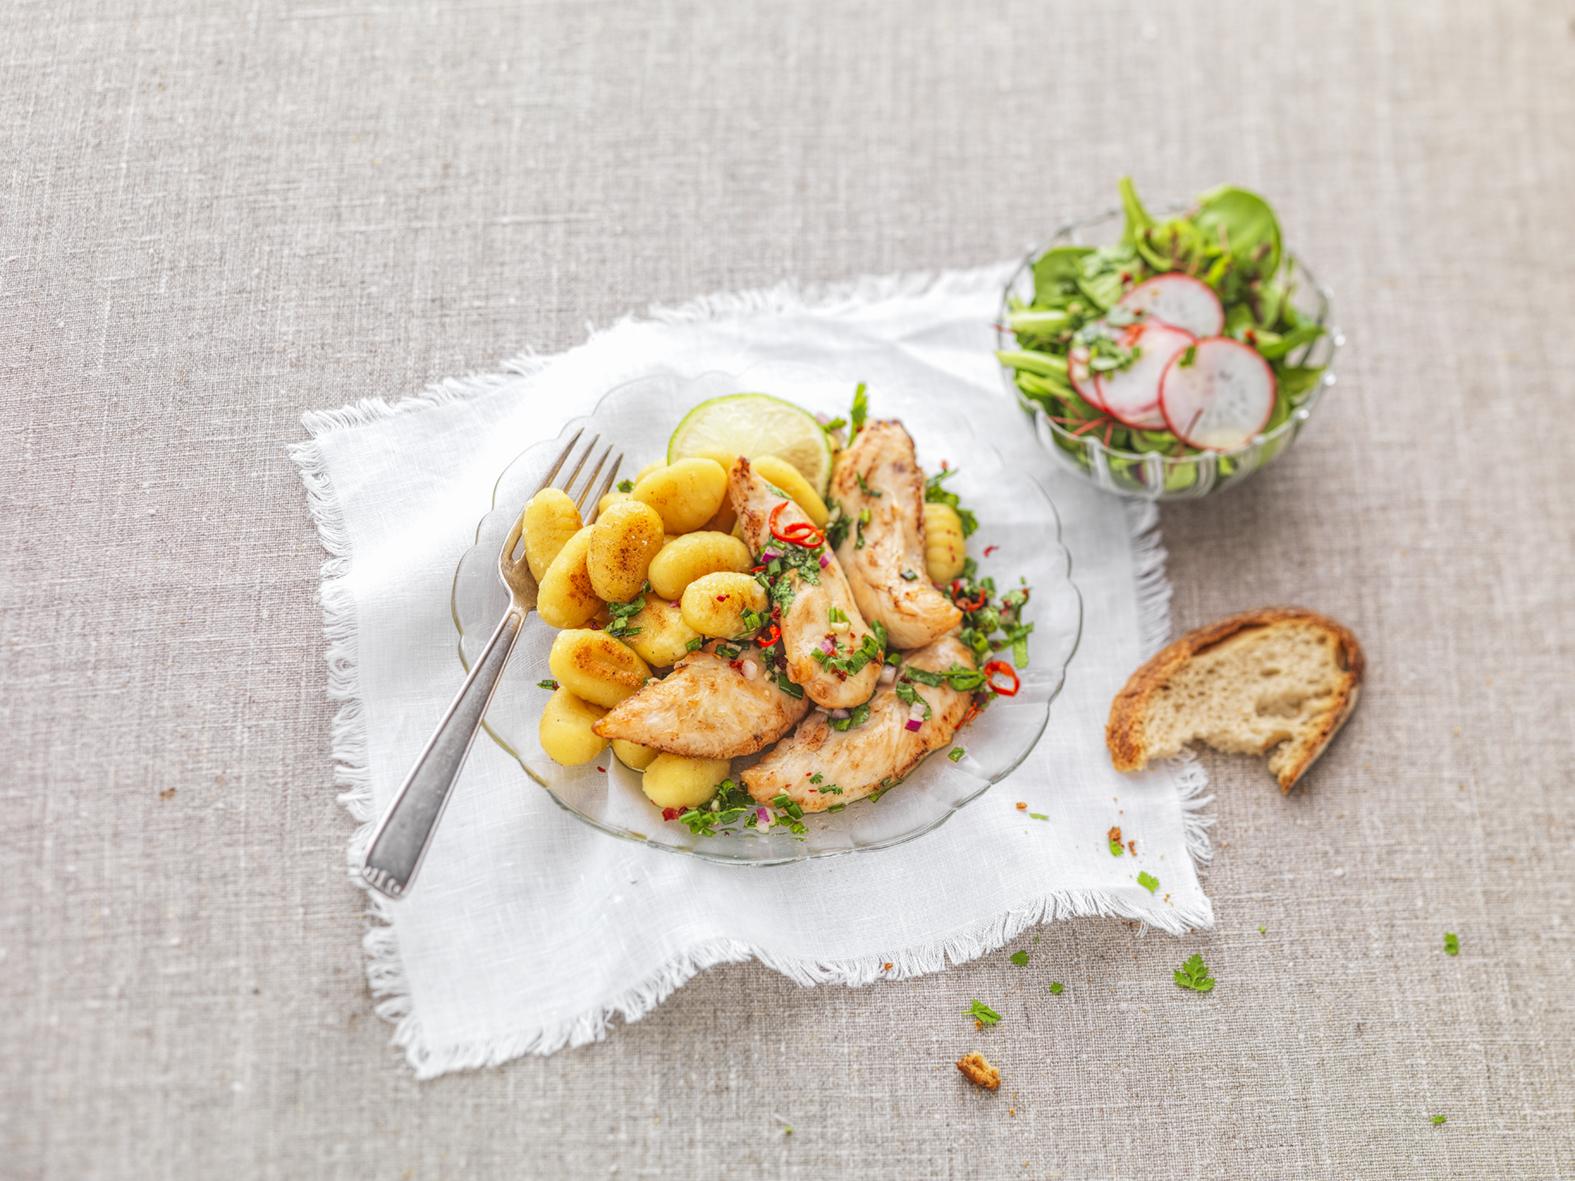 Aiguillettes de poulet rôti et gnocchis sauce aux herbes